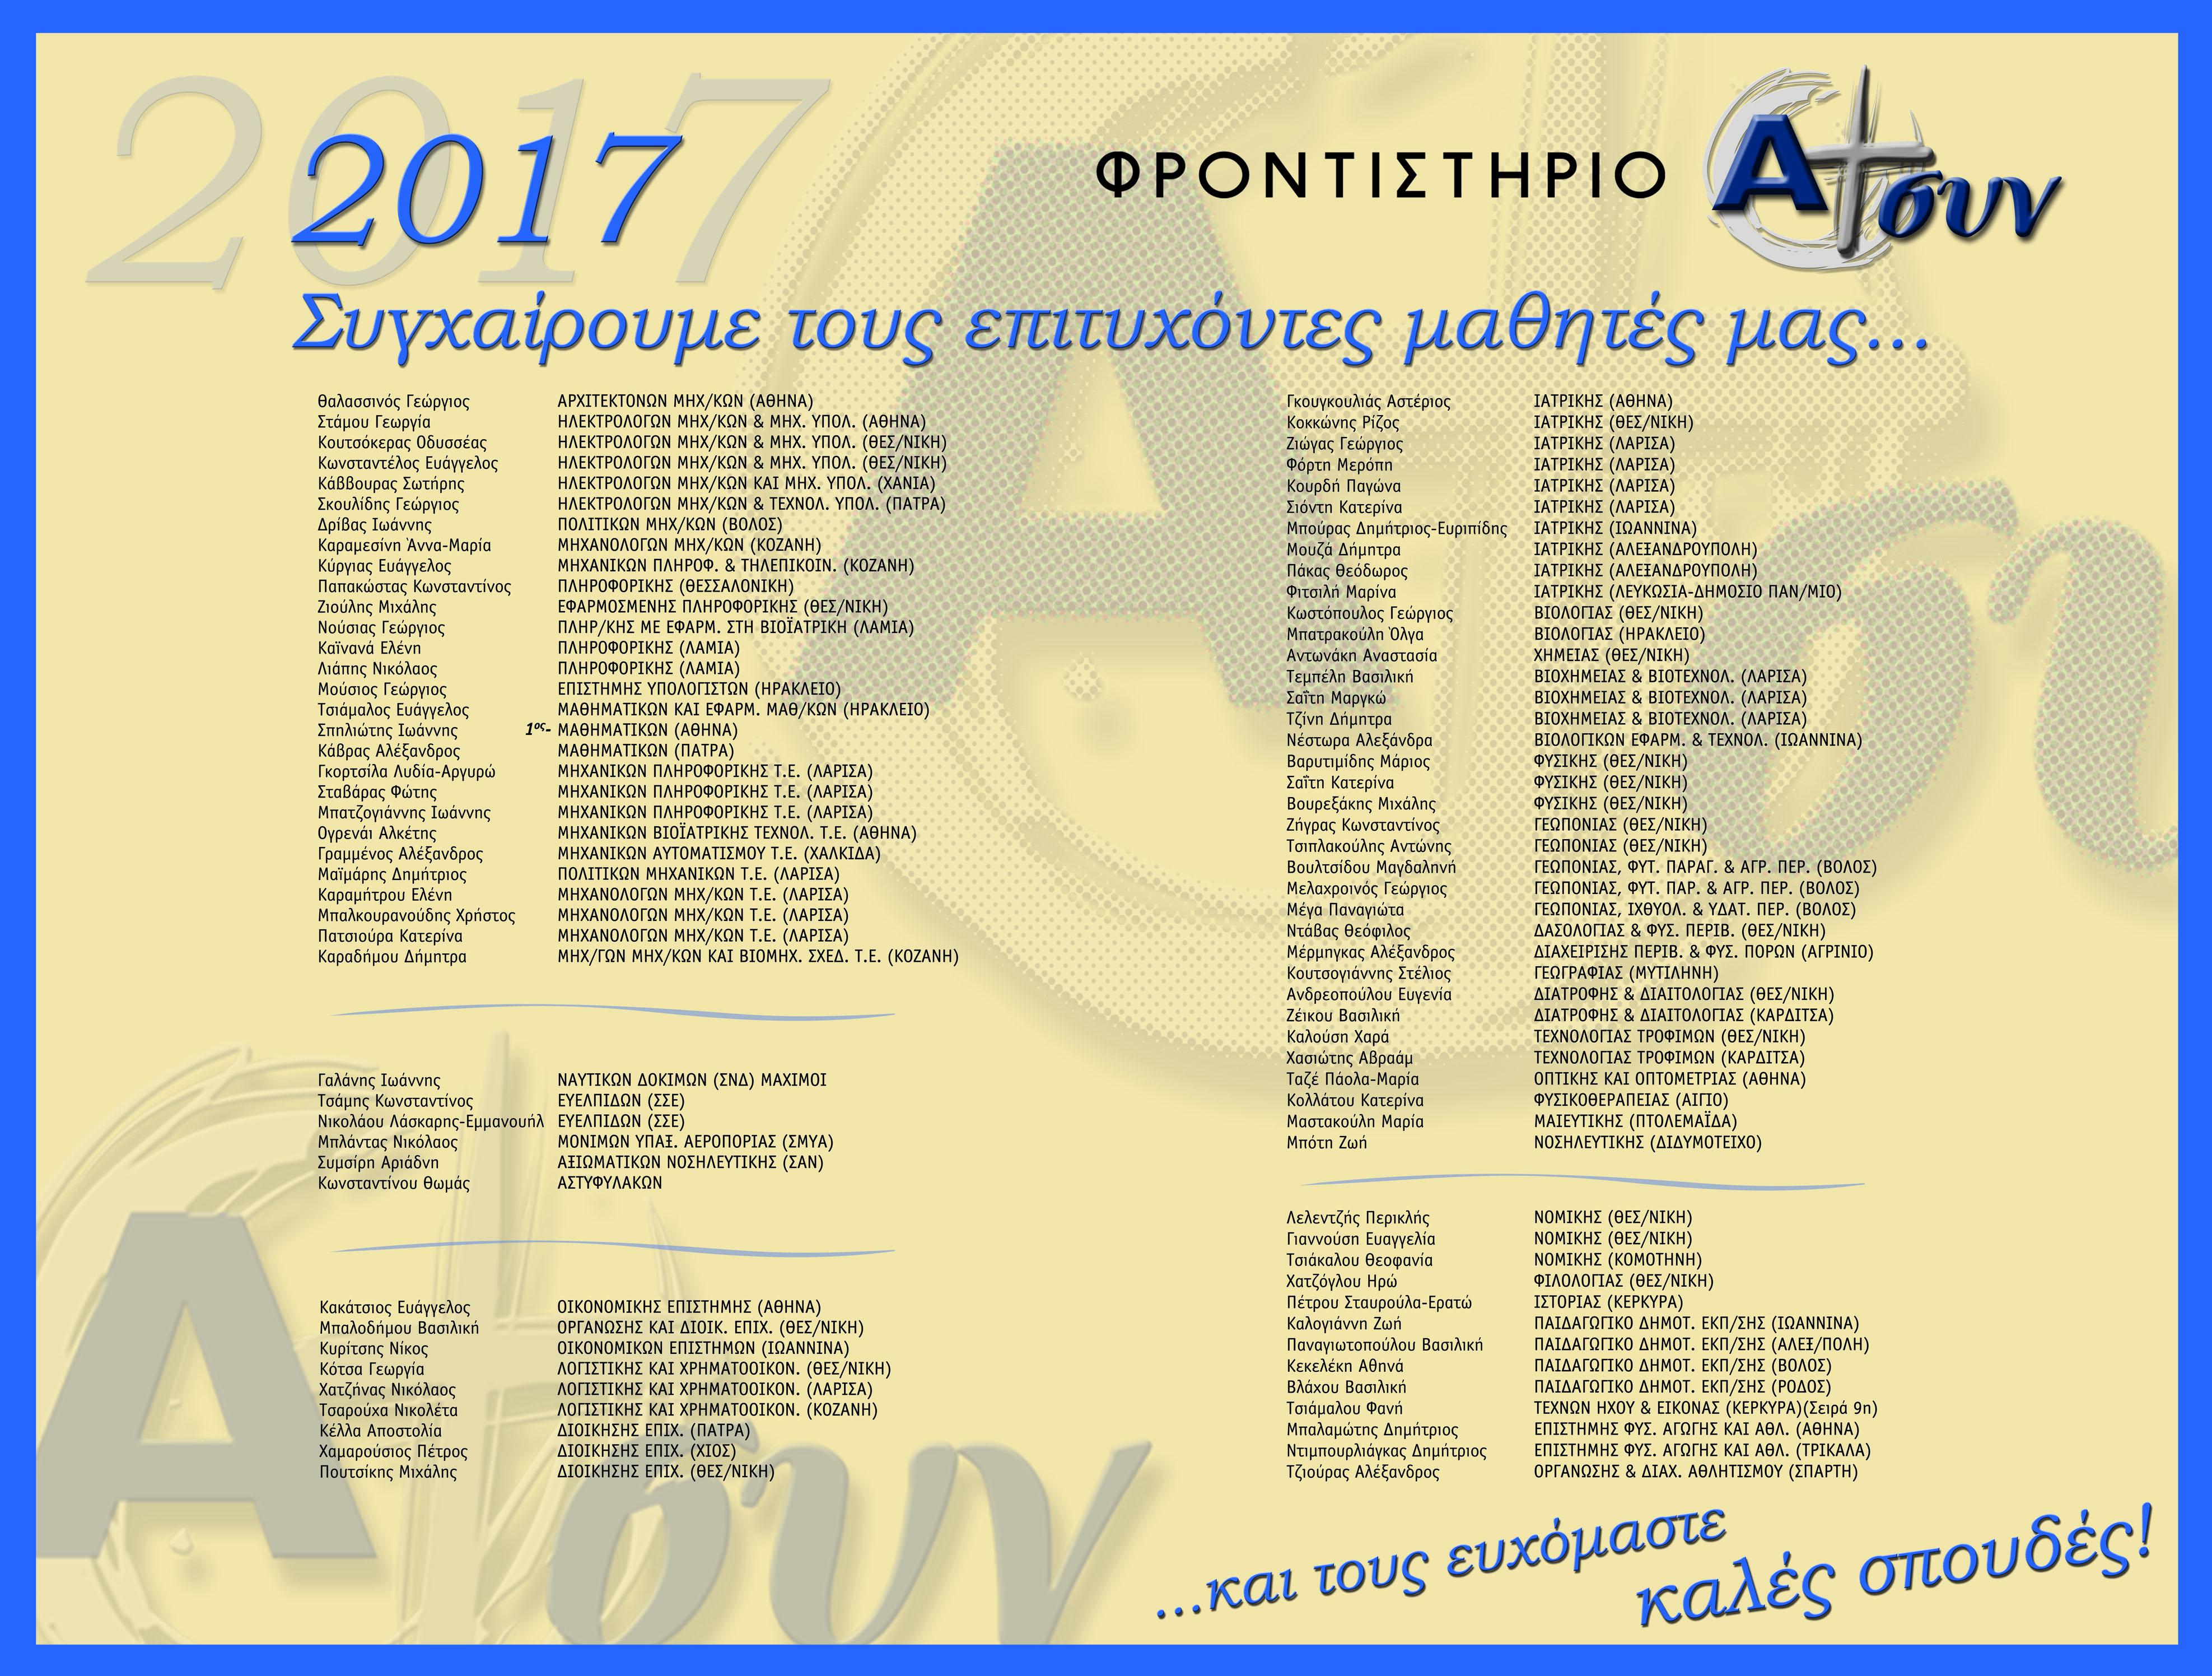 epit_2017-big